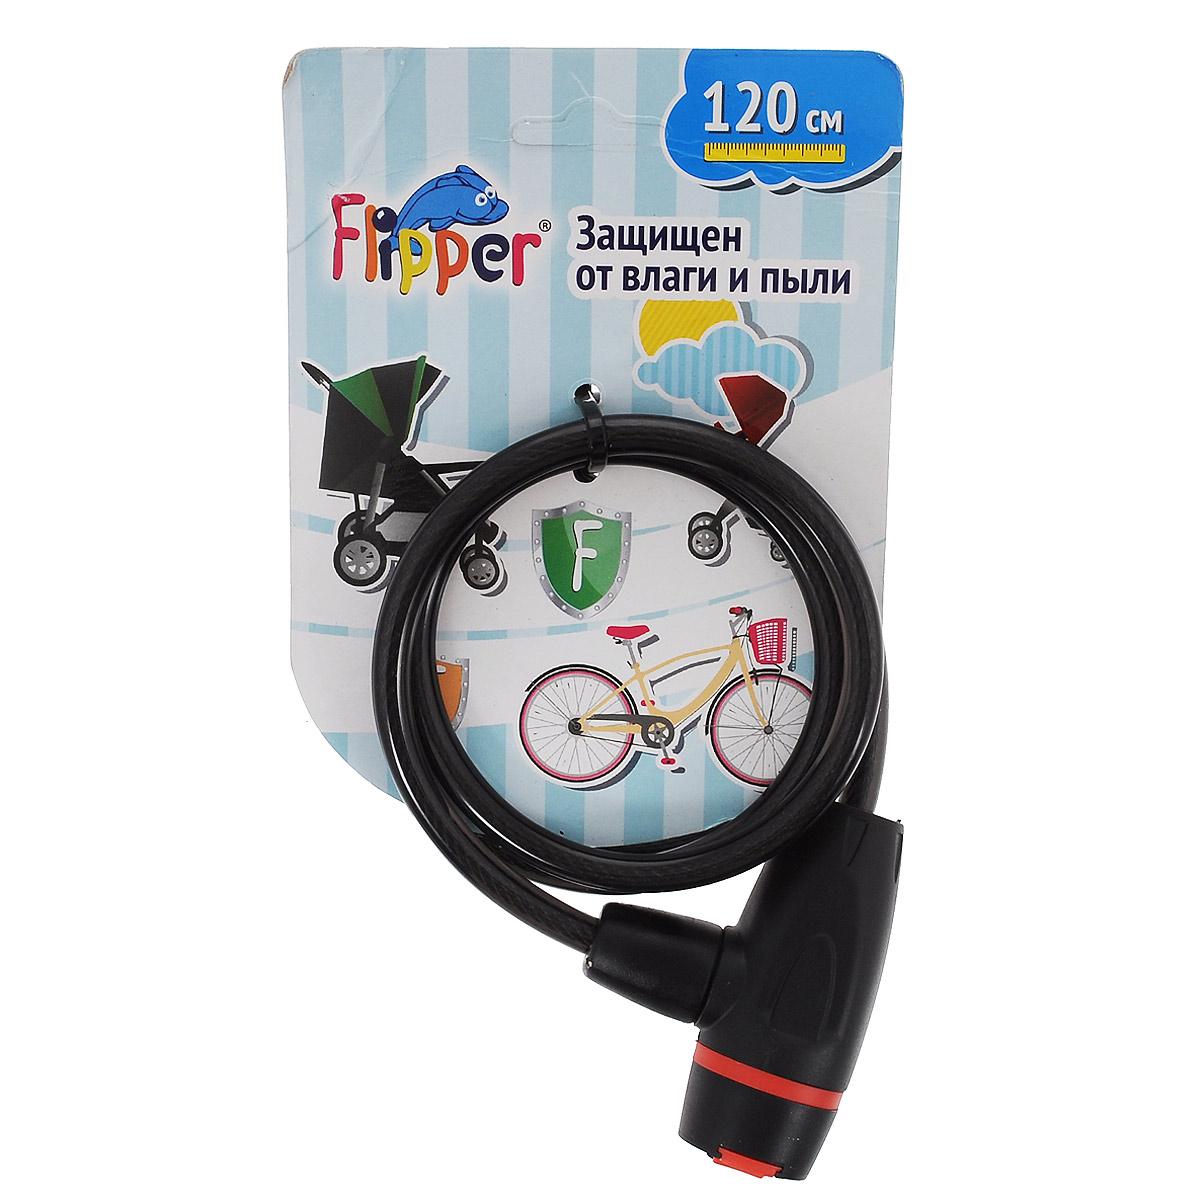 Замок для колясок Roxy-kids Flipper, с защитной крышкой, цвет: черный, 120 см. BL-081200